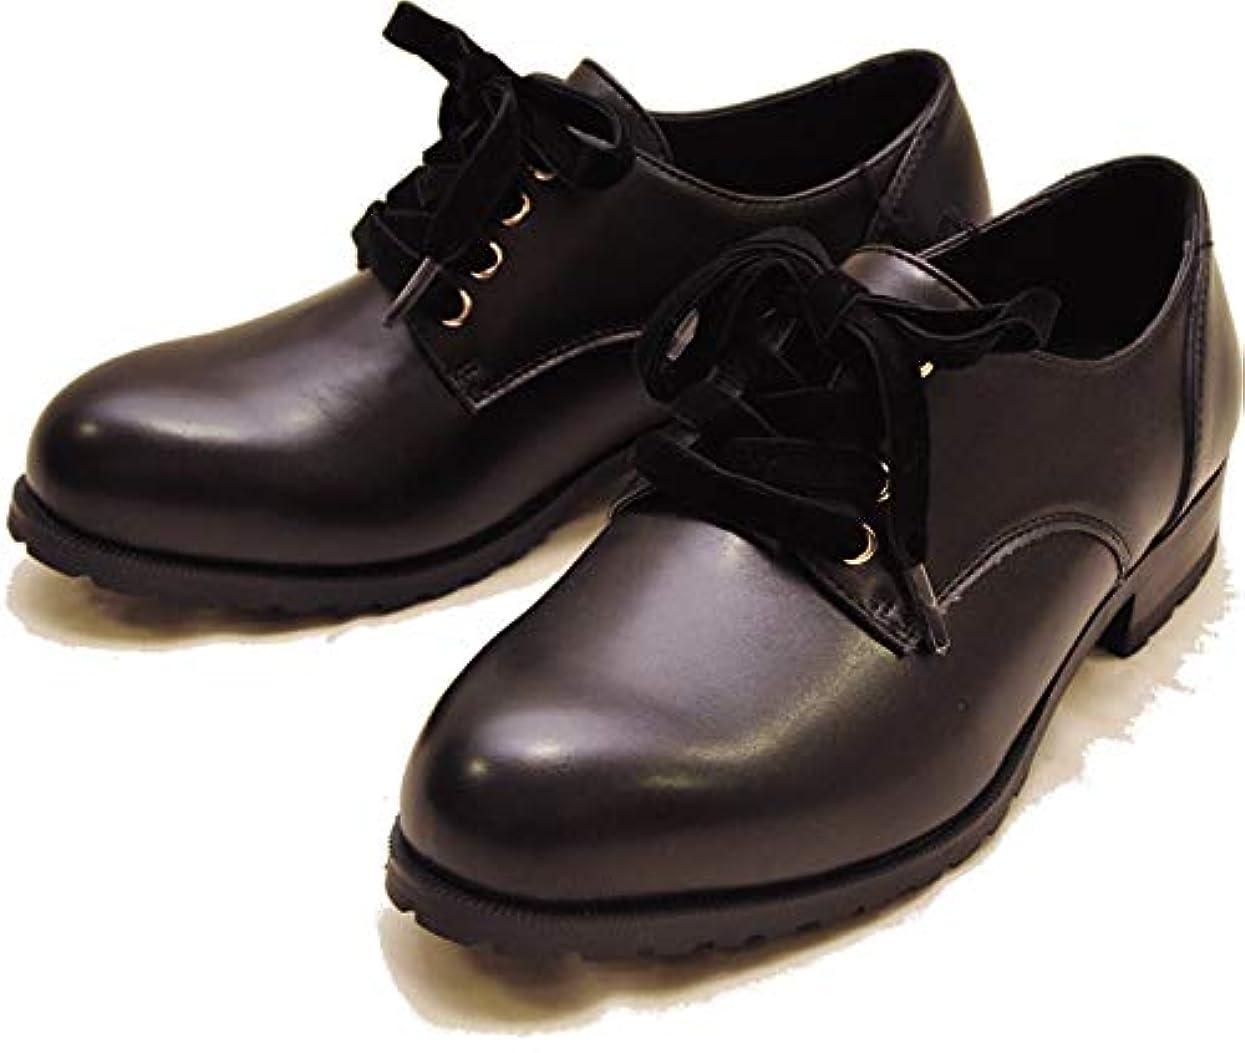 重要ローブ供給YOSUKE U.S.A ヨースケ オックスフォードパンプス プレーントゥシューズ 編み上げパンプス紐靴